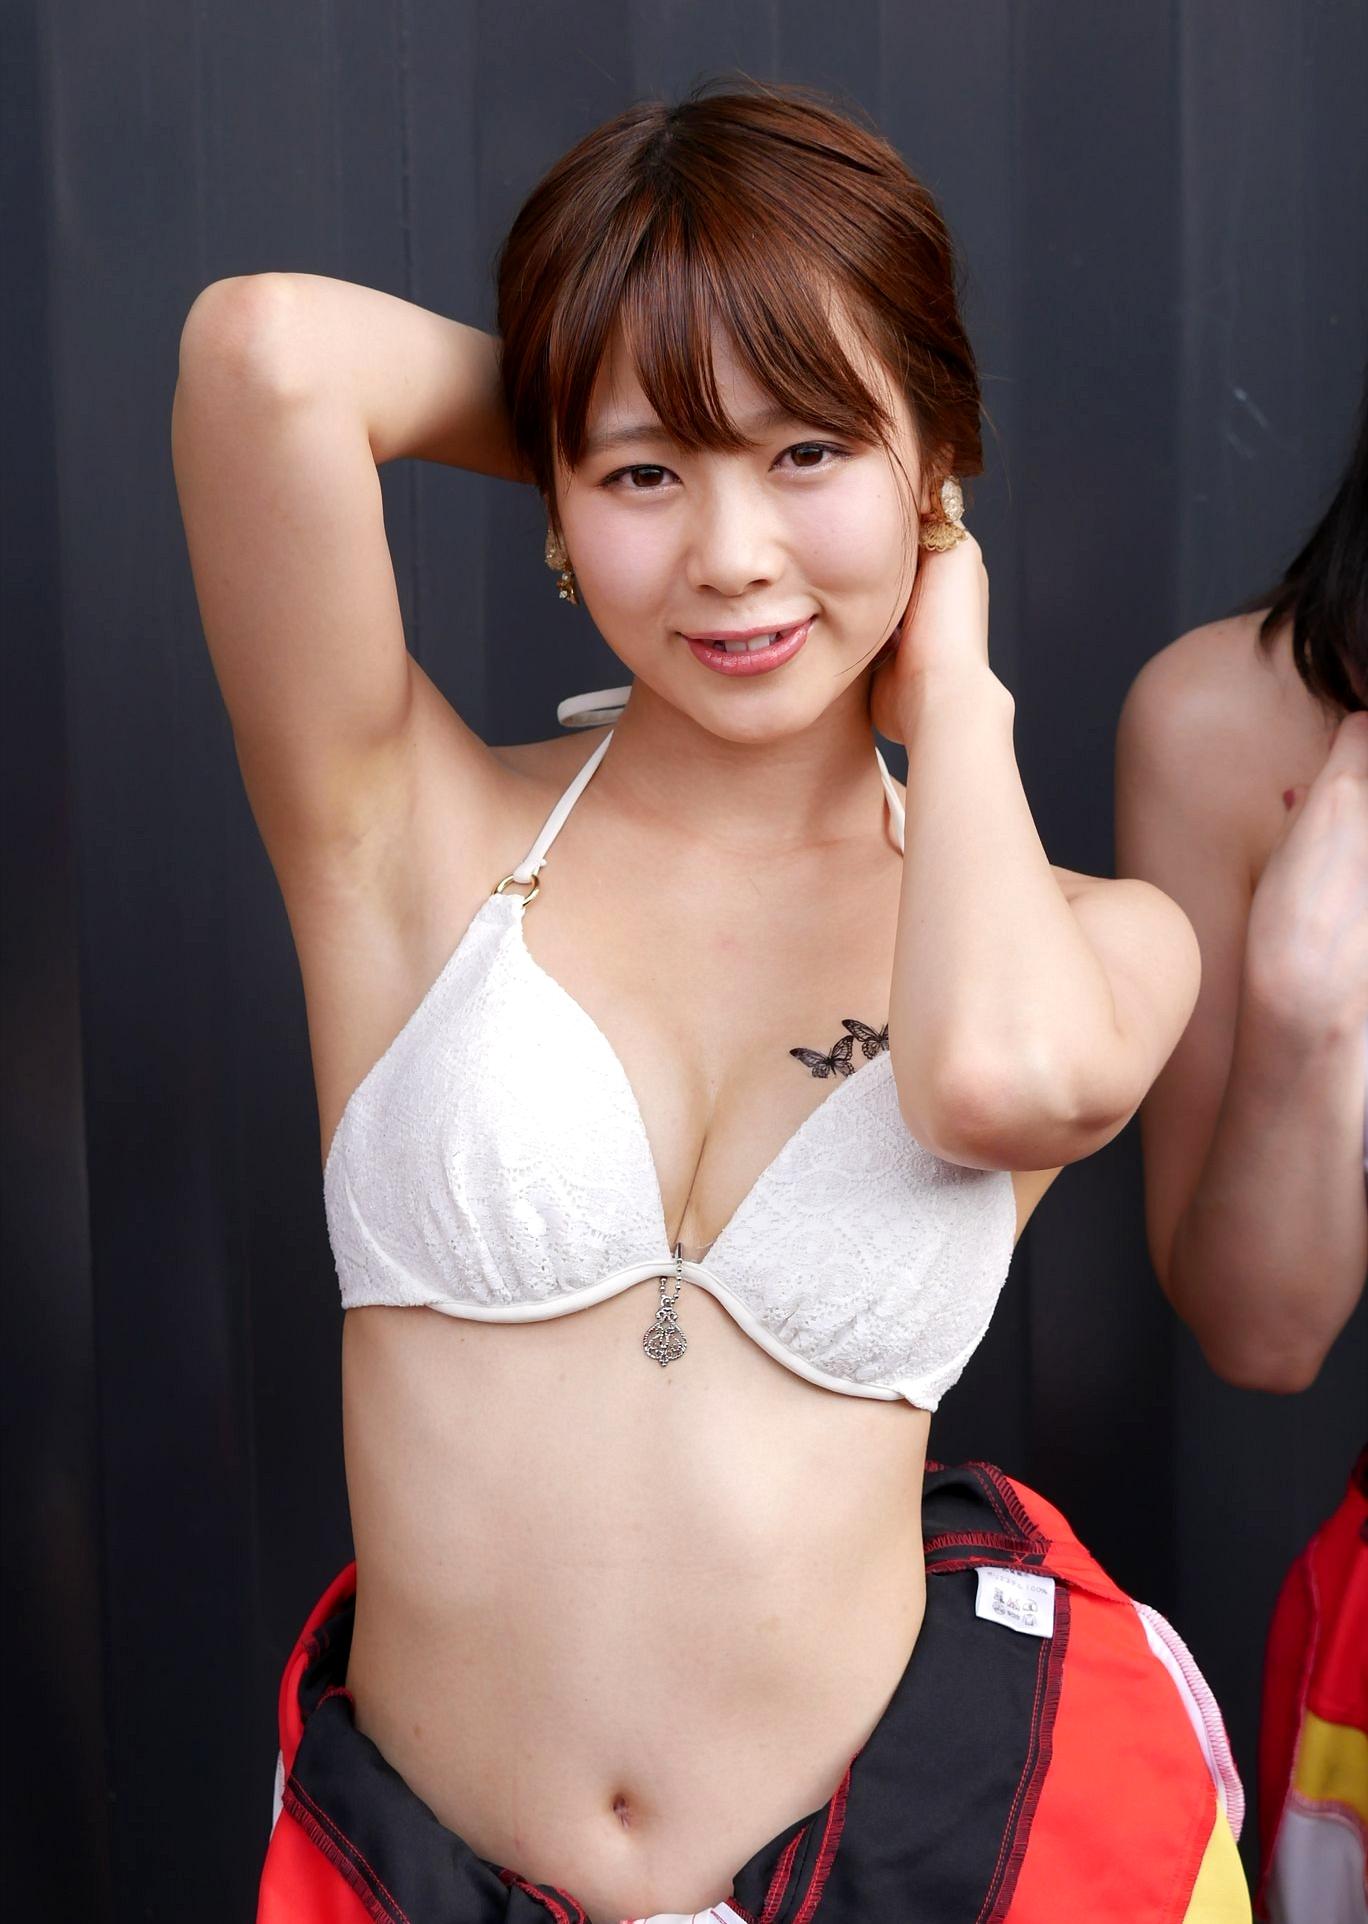 潮田ひかるのジョリ腋 (1)